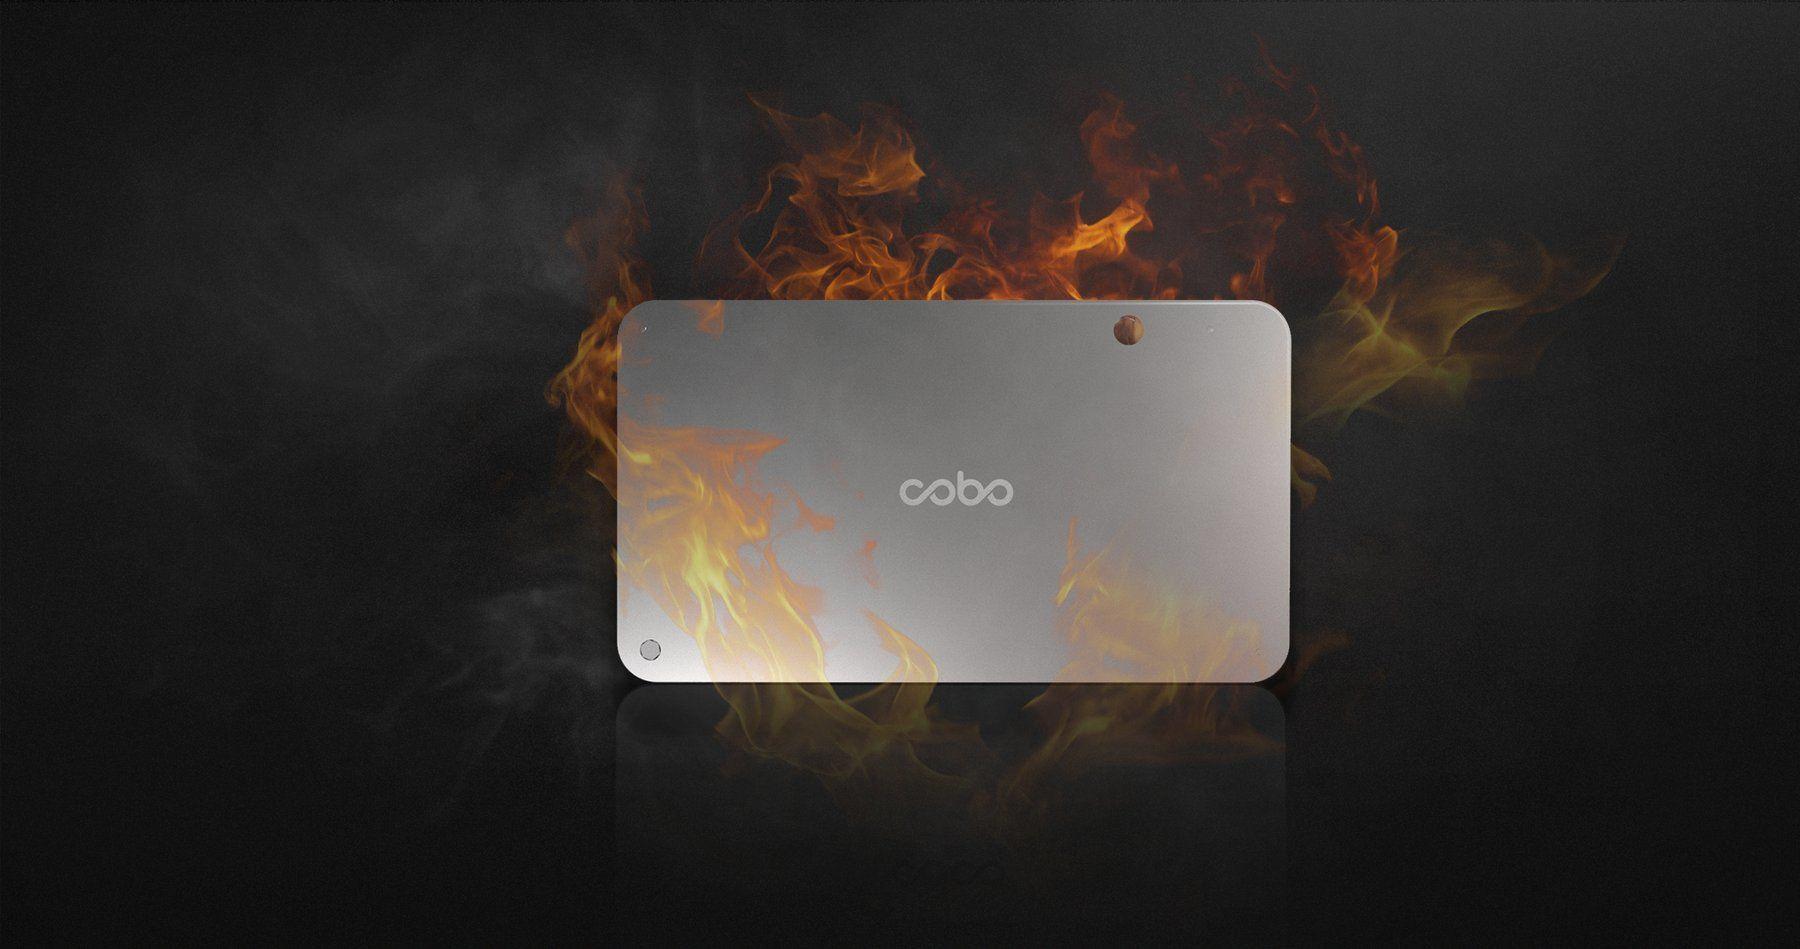 Cobo Tablet купить украина